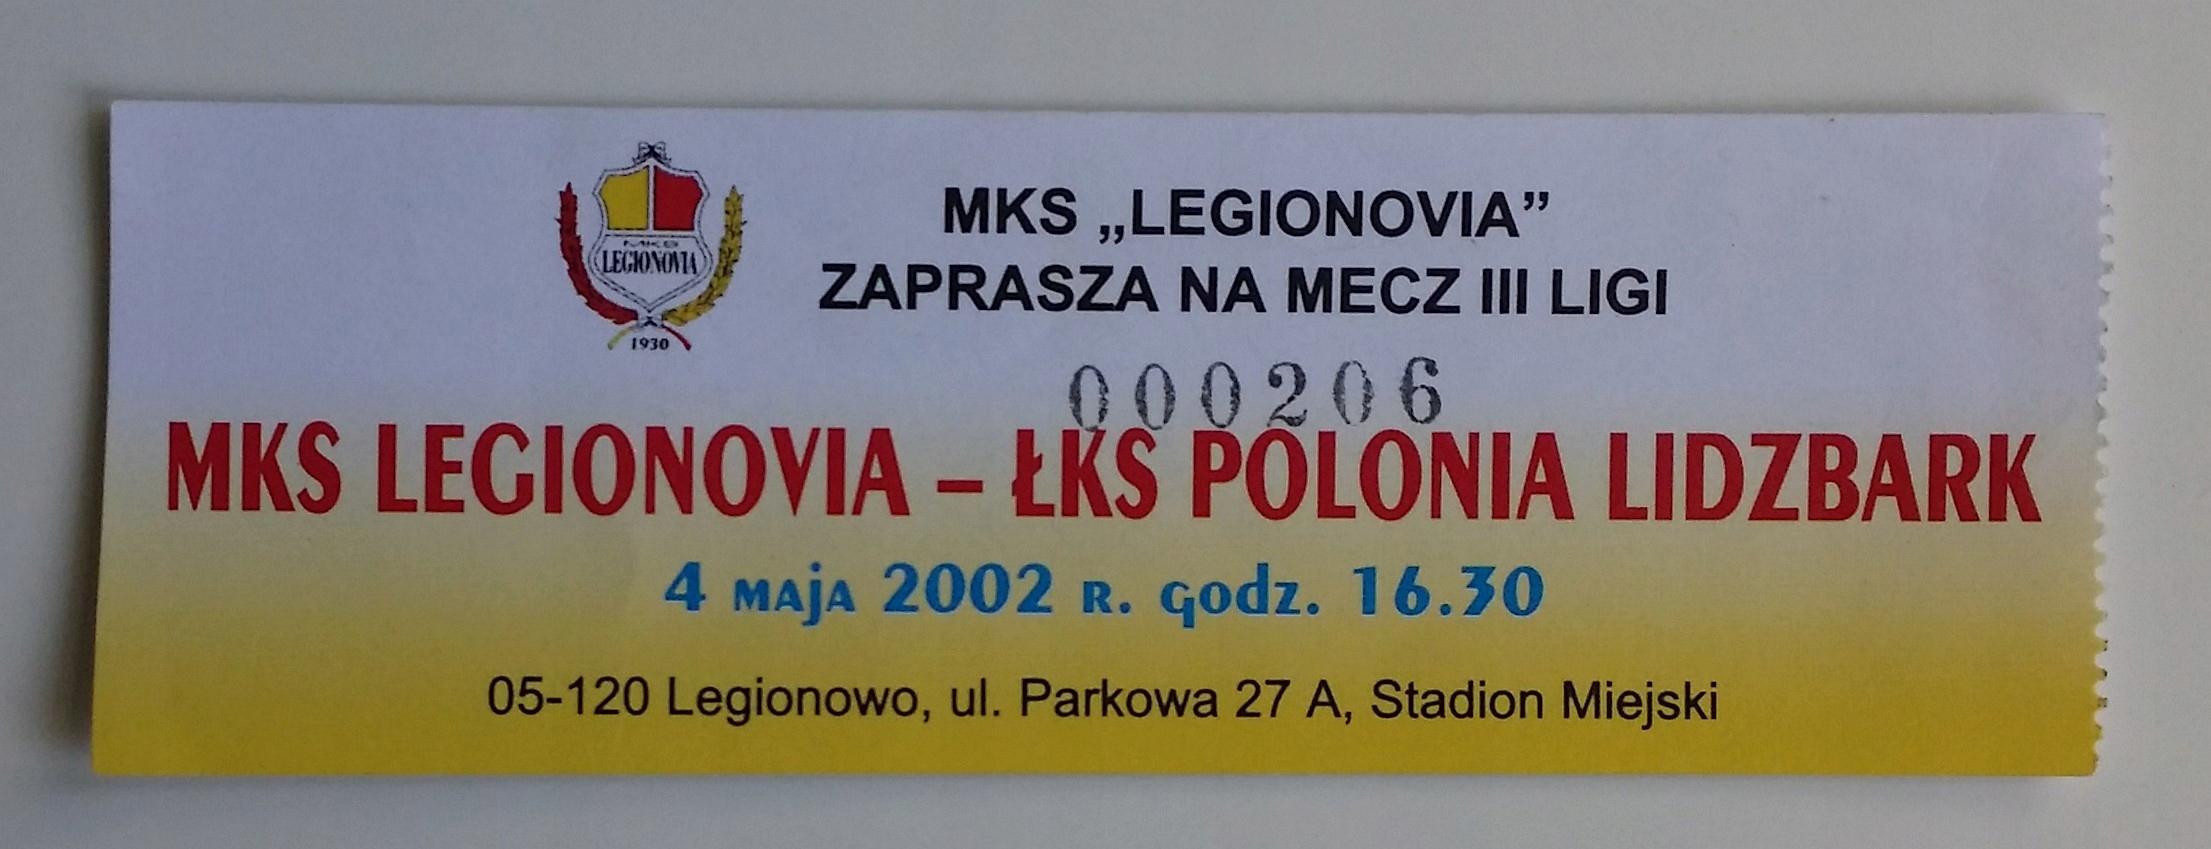 Bilet Legionovia - Polonia Lidzbark 04.05.2002